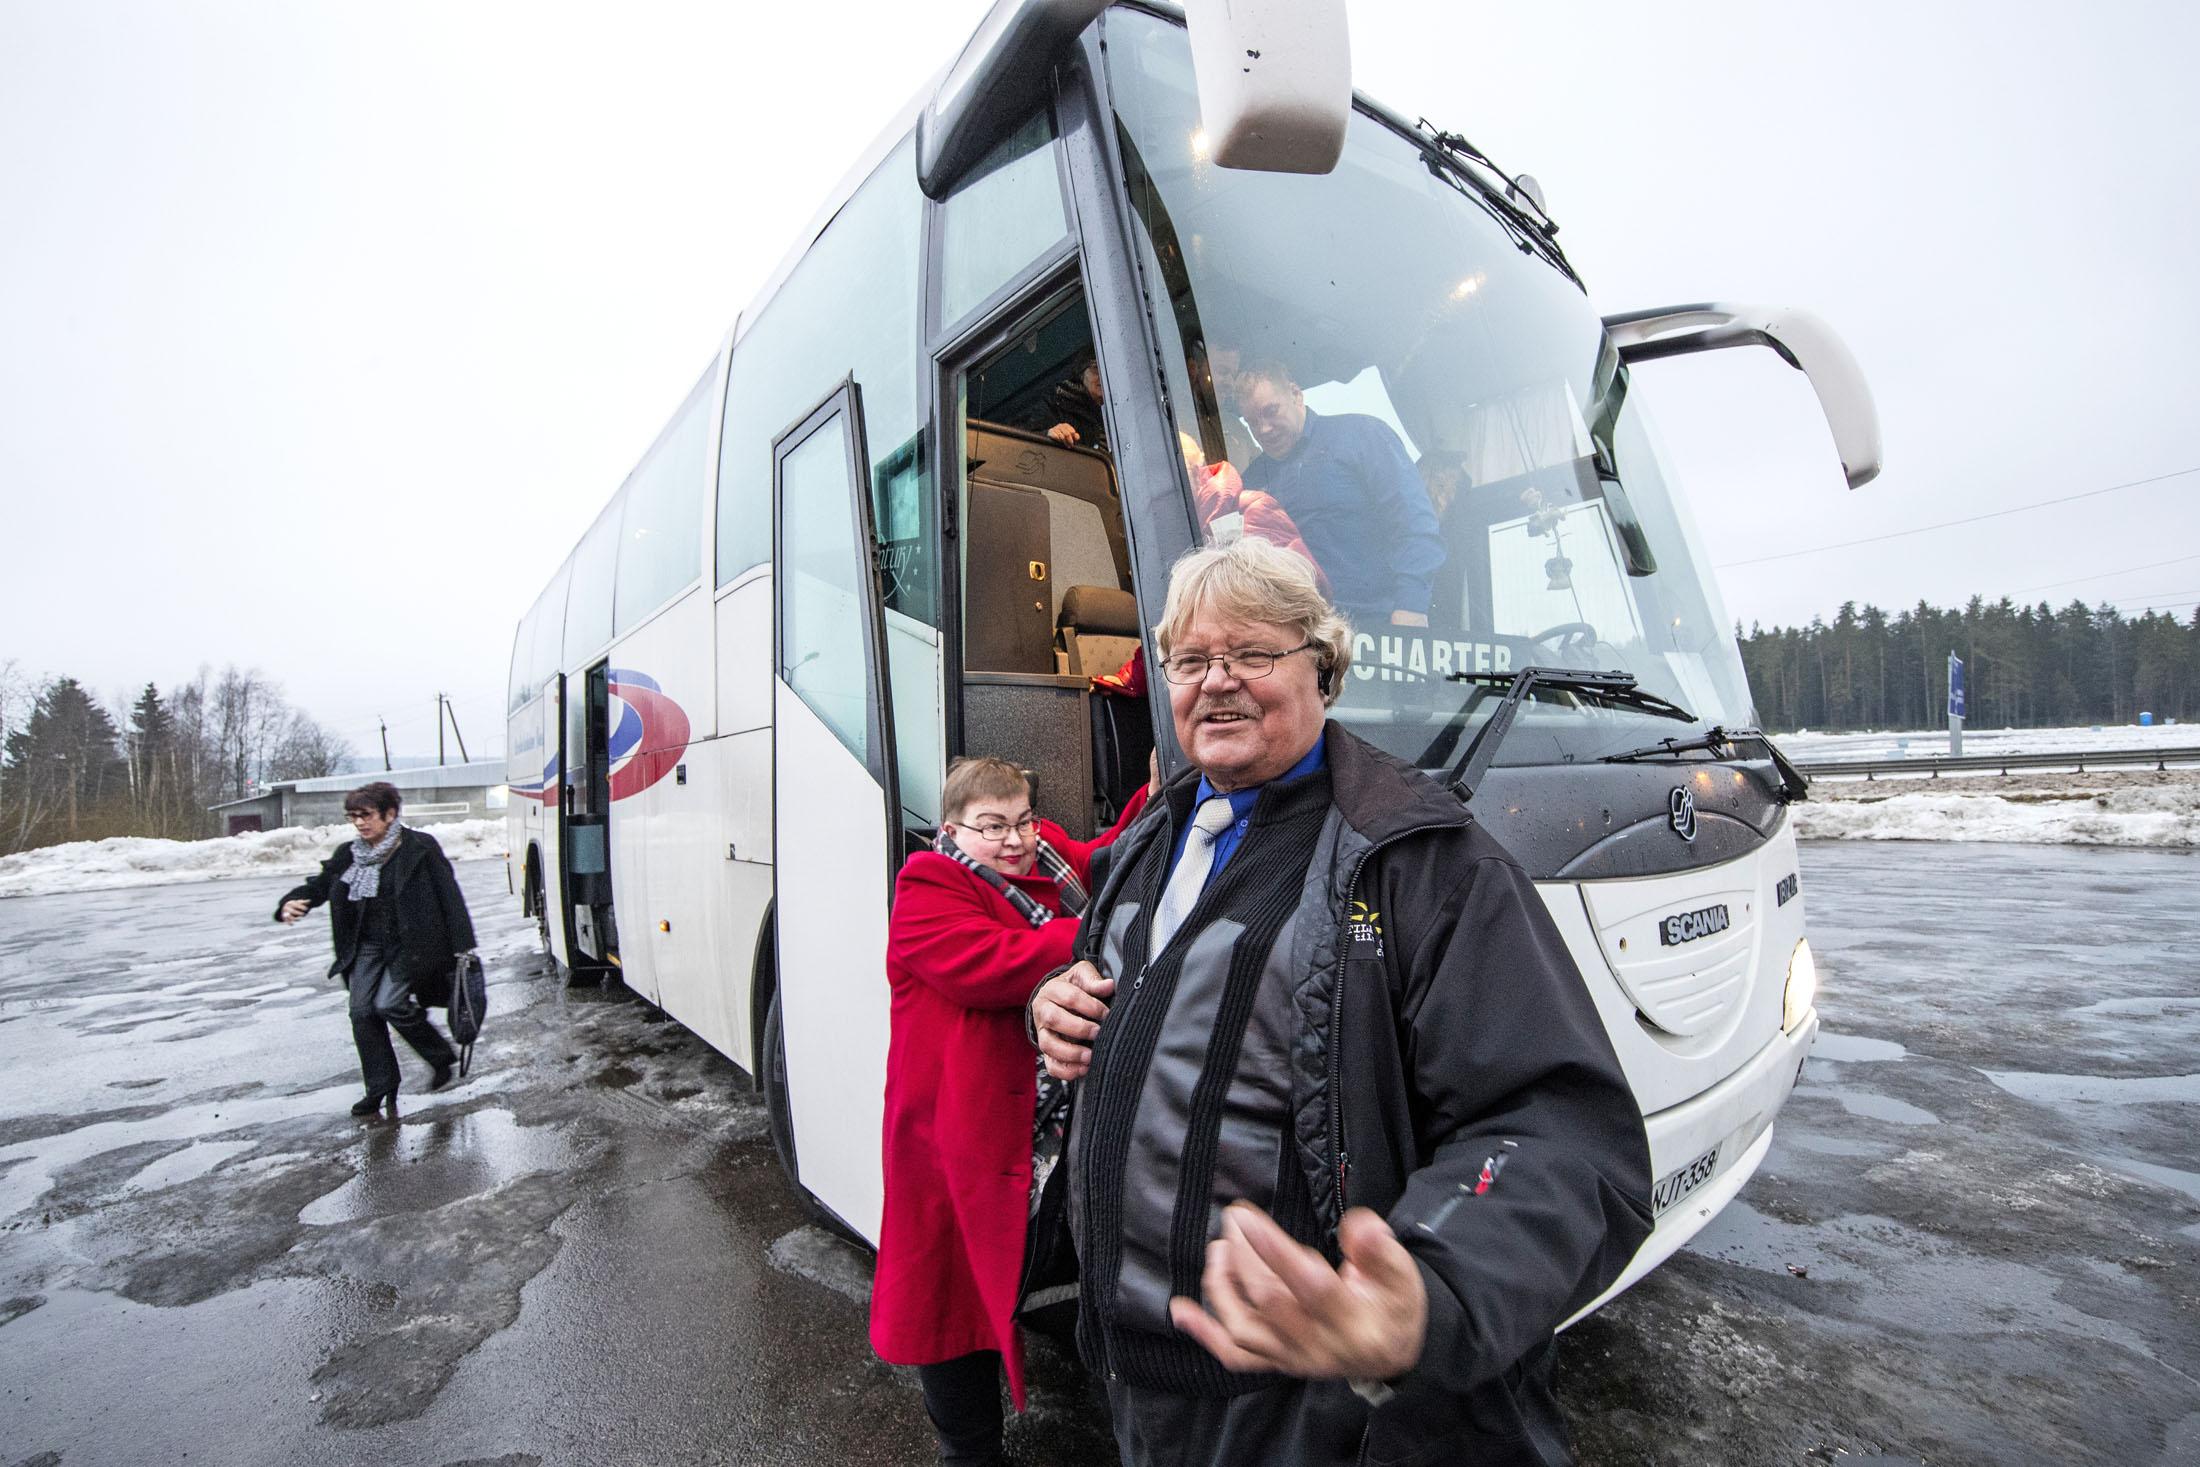 Tauko on ohi, ja Eero Moilanen hätistelee ystävälliseen tyyliinsä matkustajia takaisin bussiin.